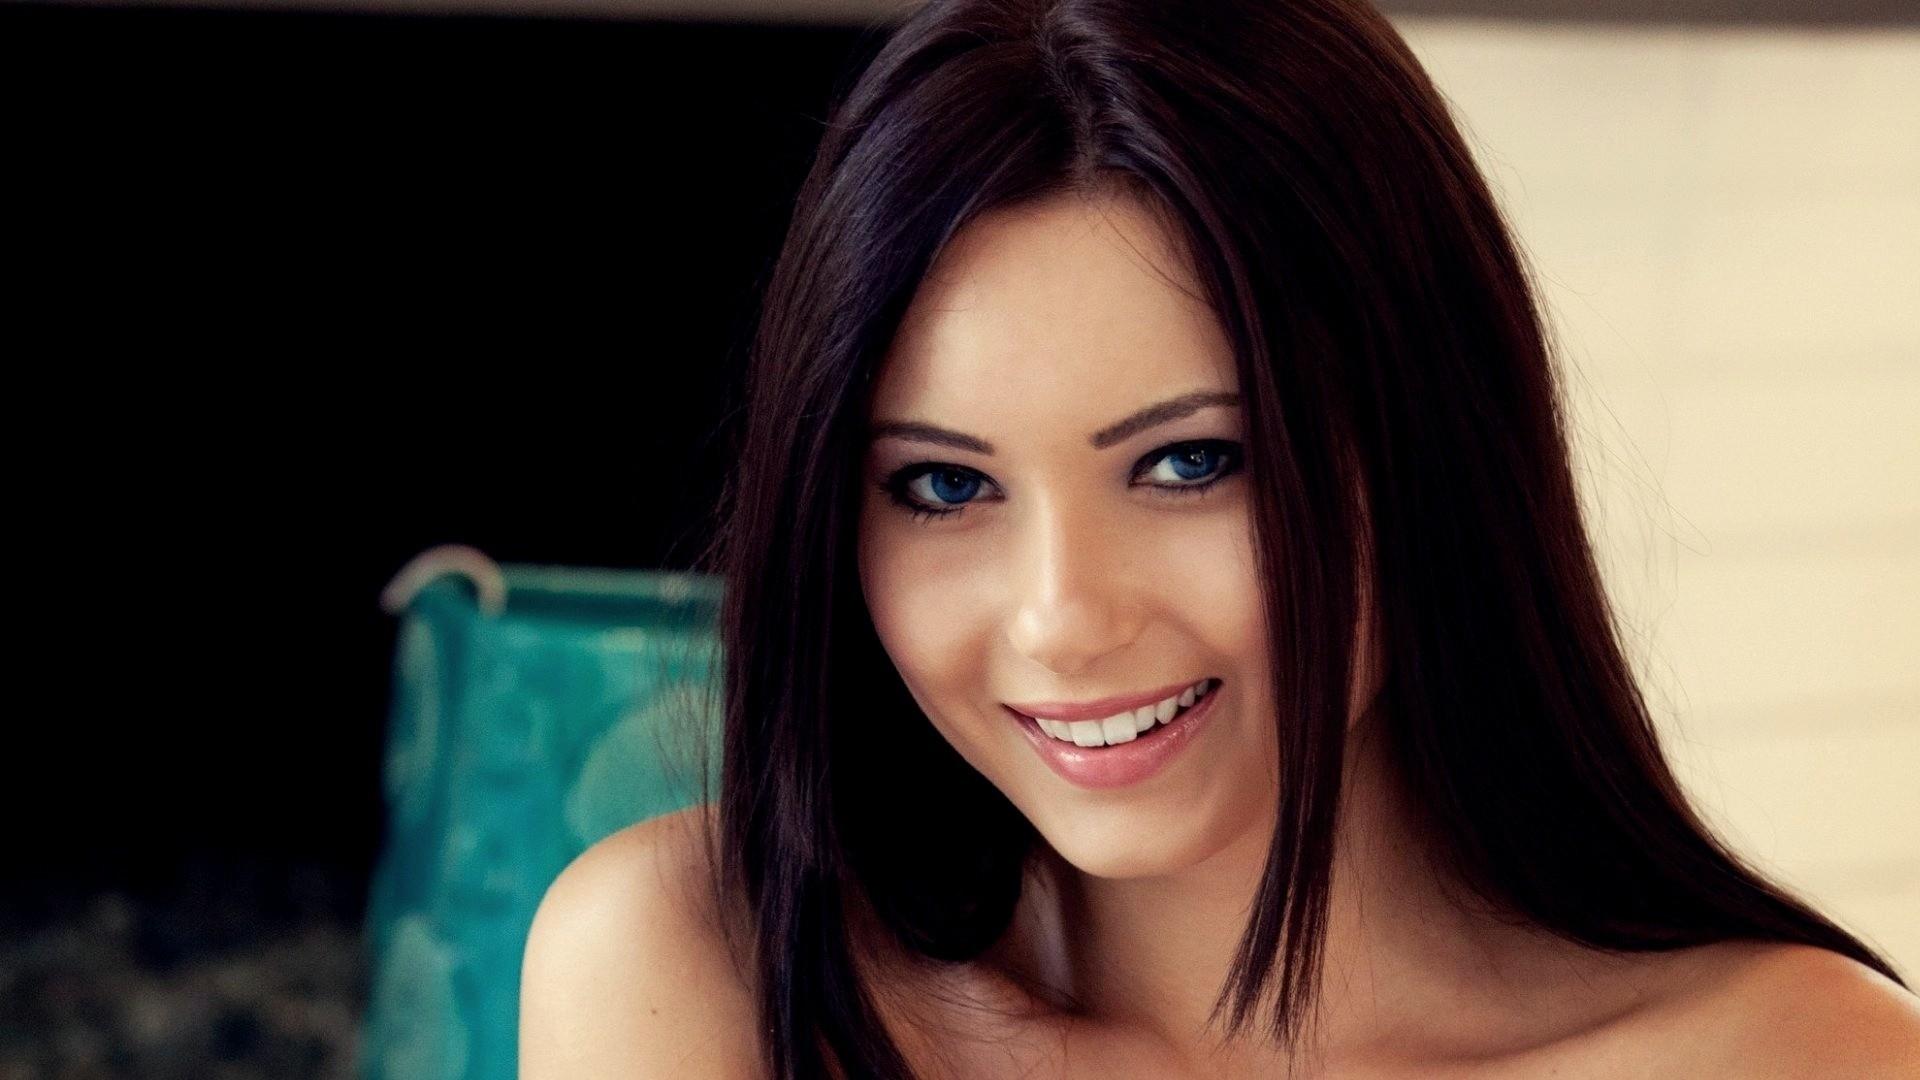 Сайт девка ру 26 фотография